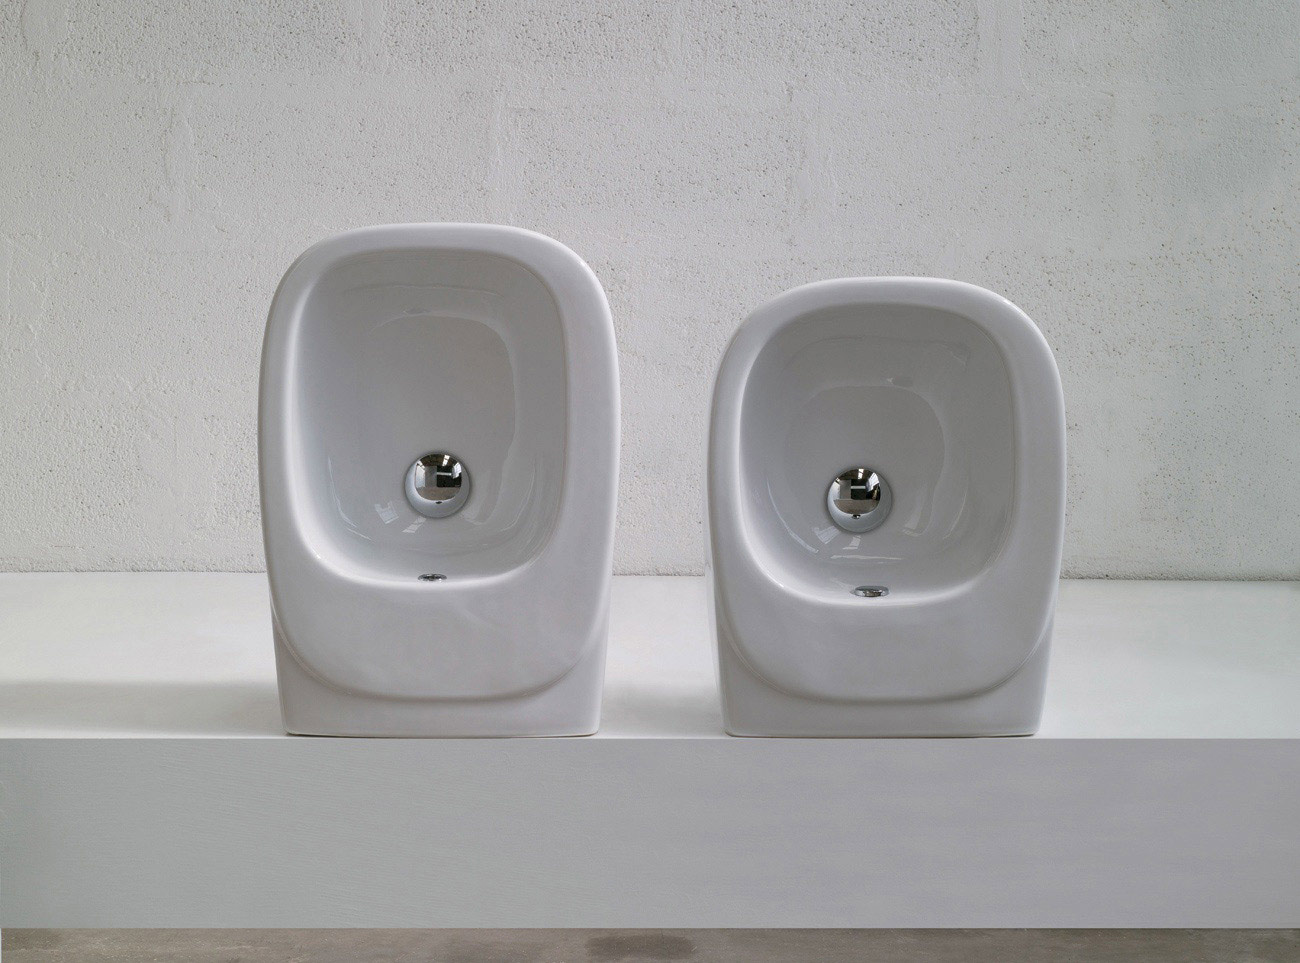 Mini sanitari boiserie in ceramica per bagno - Boiserie in ceramica per bagno ...